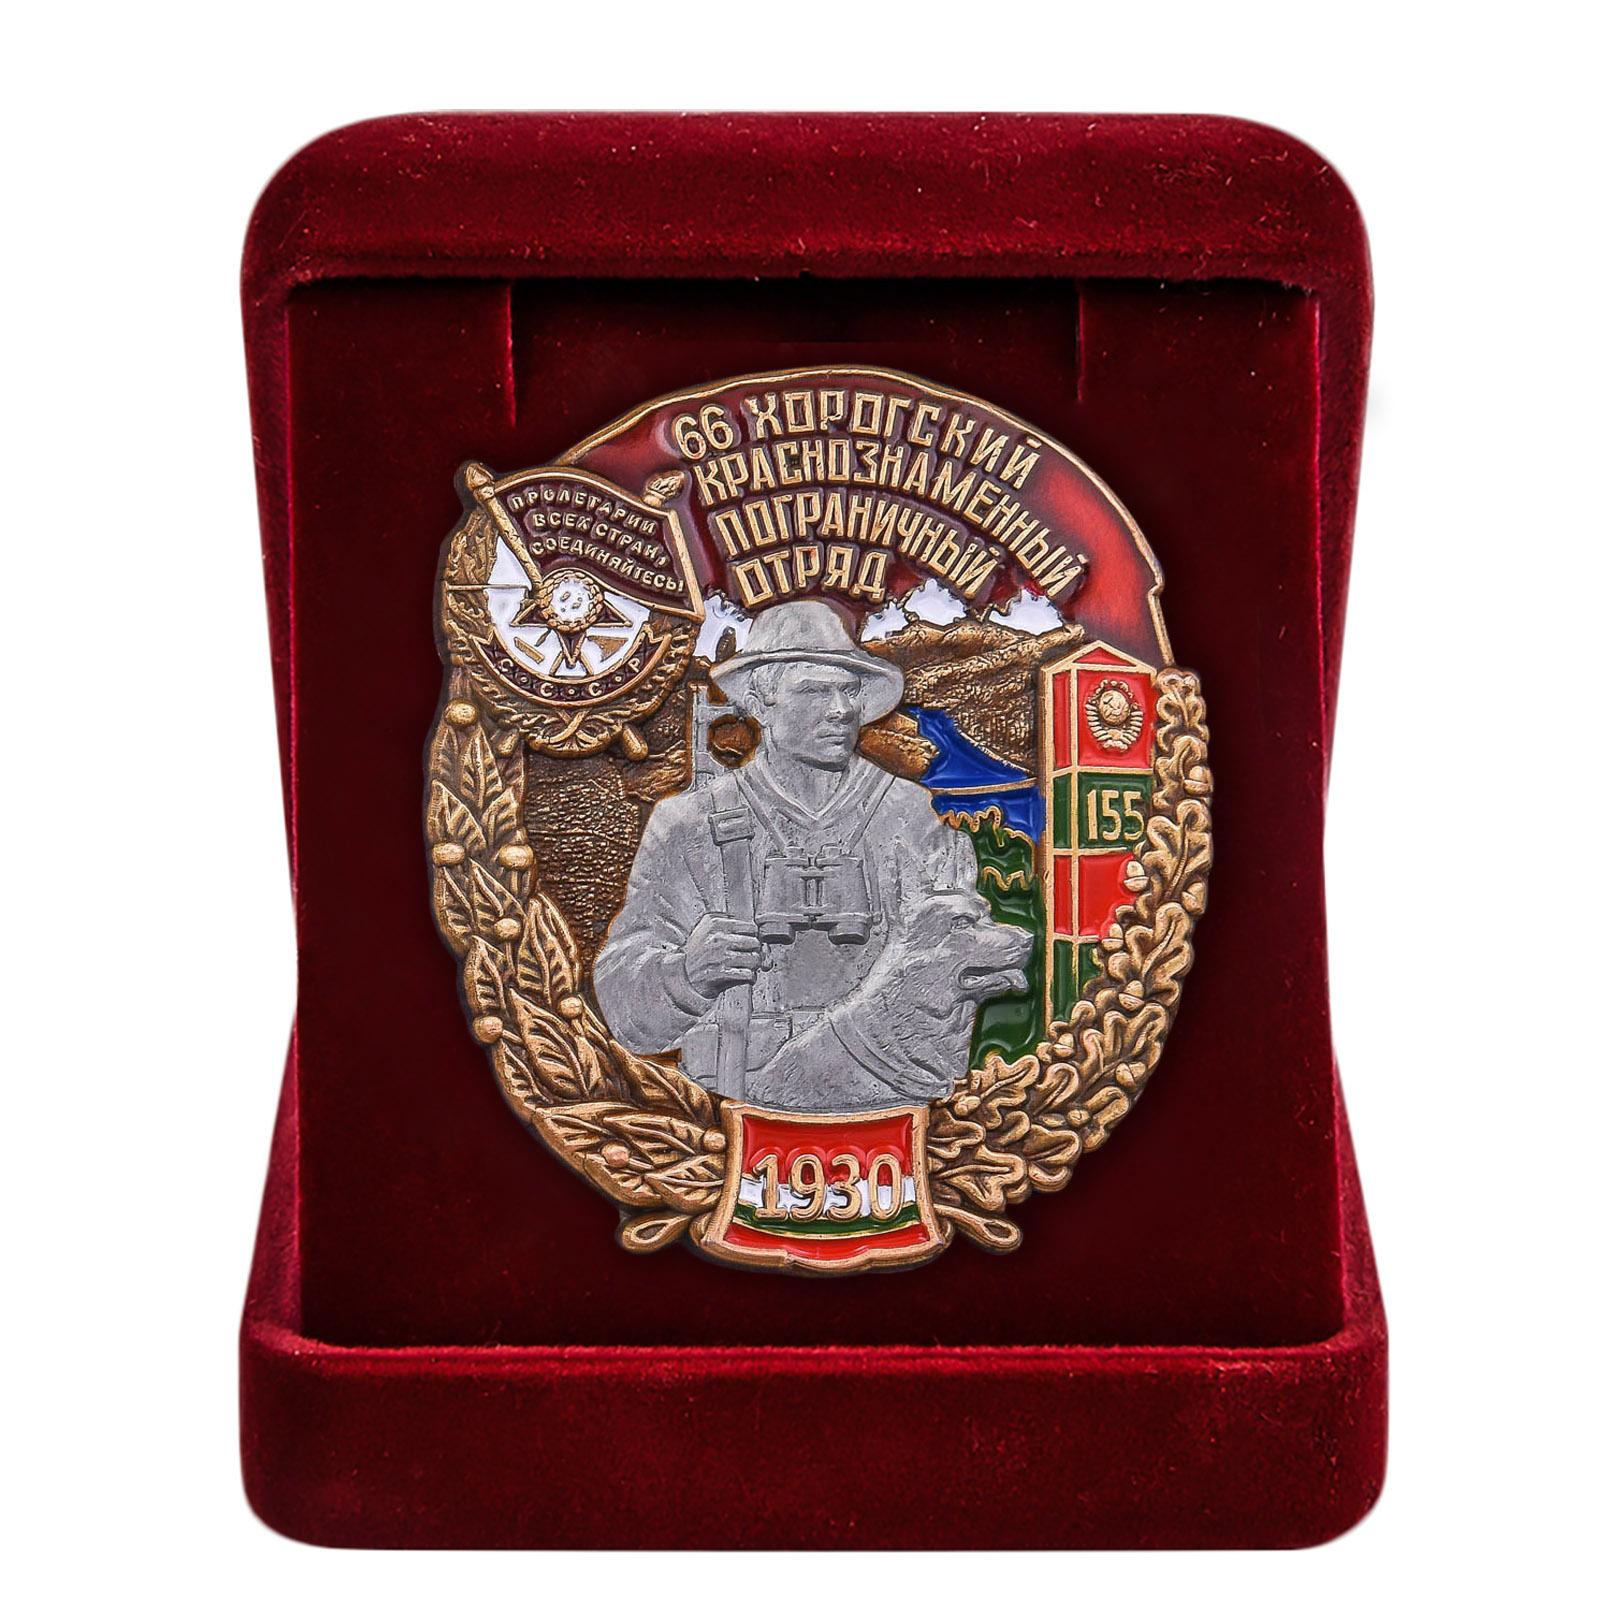 Купить знак 66 Хорогский Краснознамённый Пограничный отряд в подарок